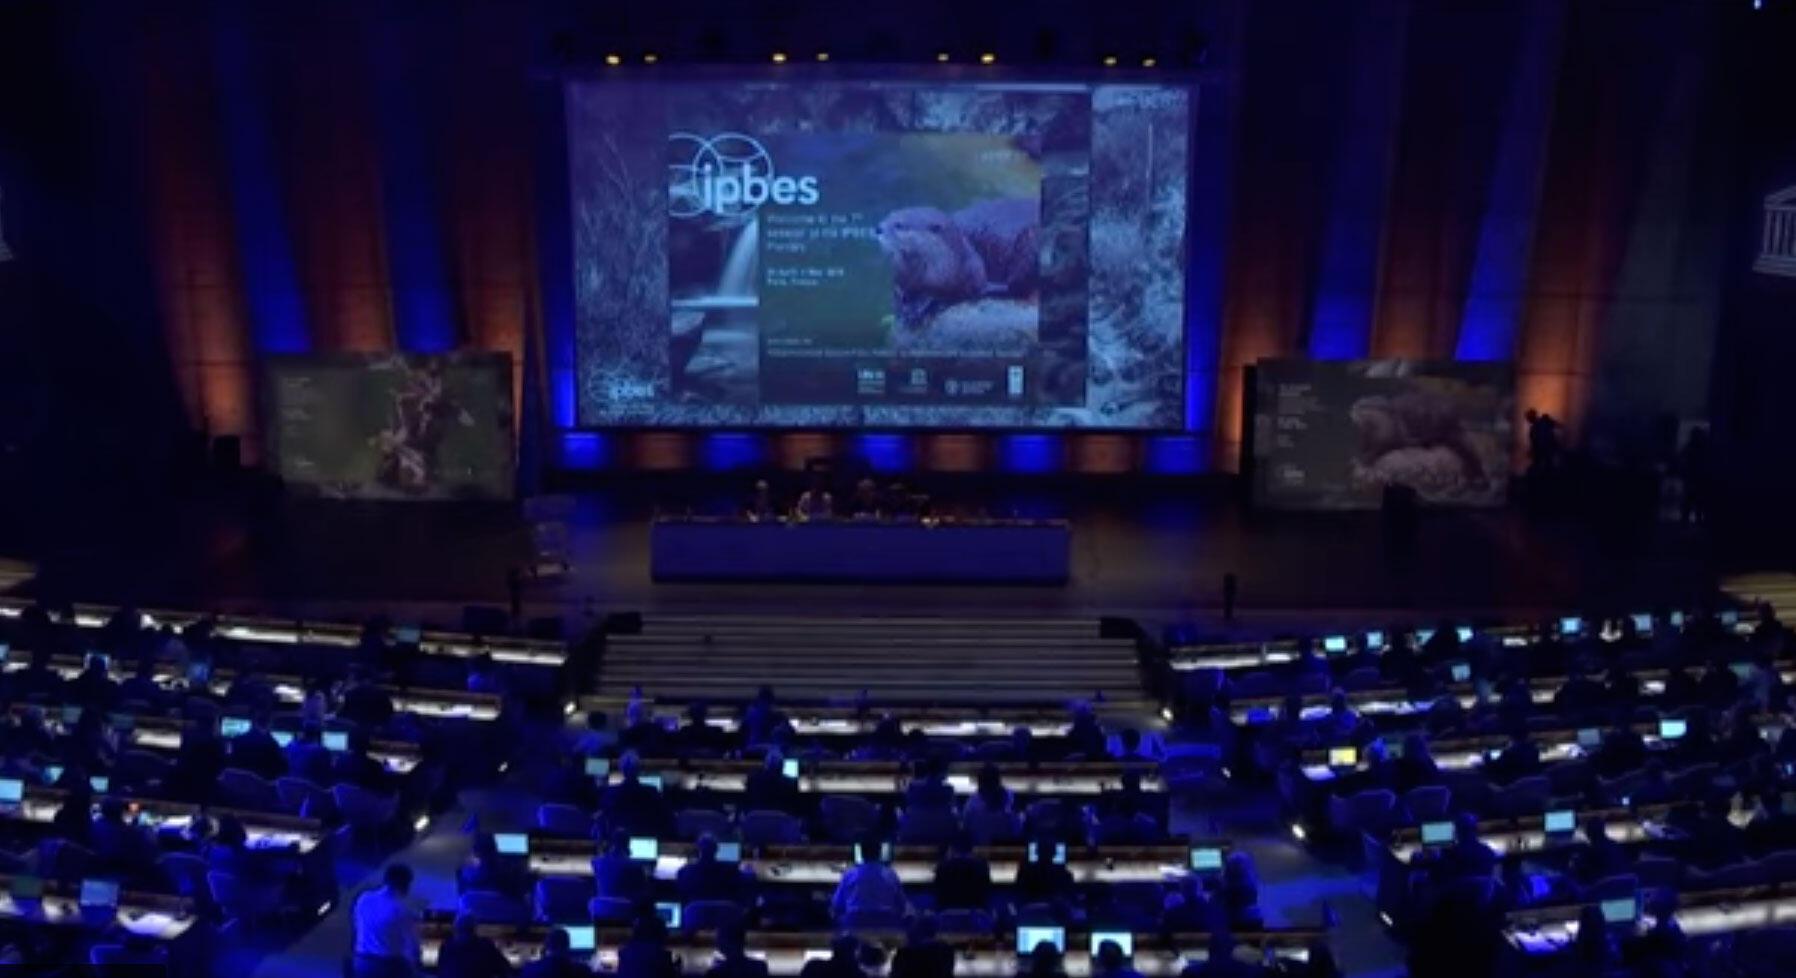 Cientistas e diplomatas de mais de 130 países se reúnem a partir desta segunda-feira na sede da Unesco, aqui em Paris, para discutir a adoção da primeira avaliação mundial de ecossistemas.